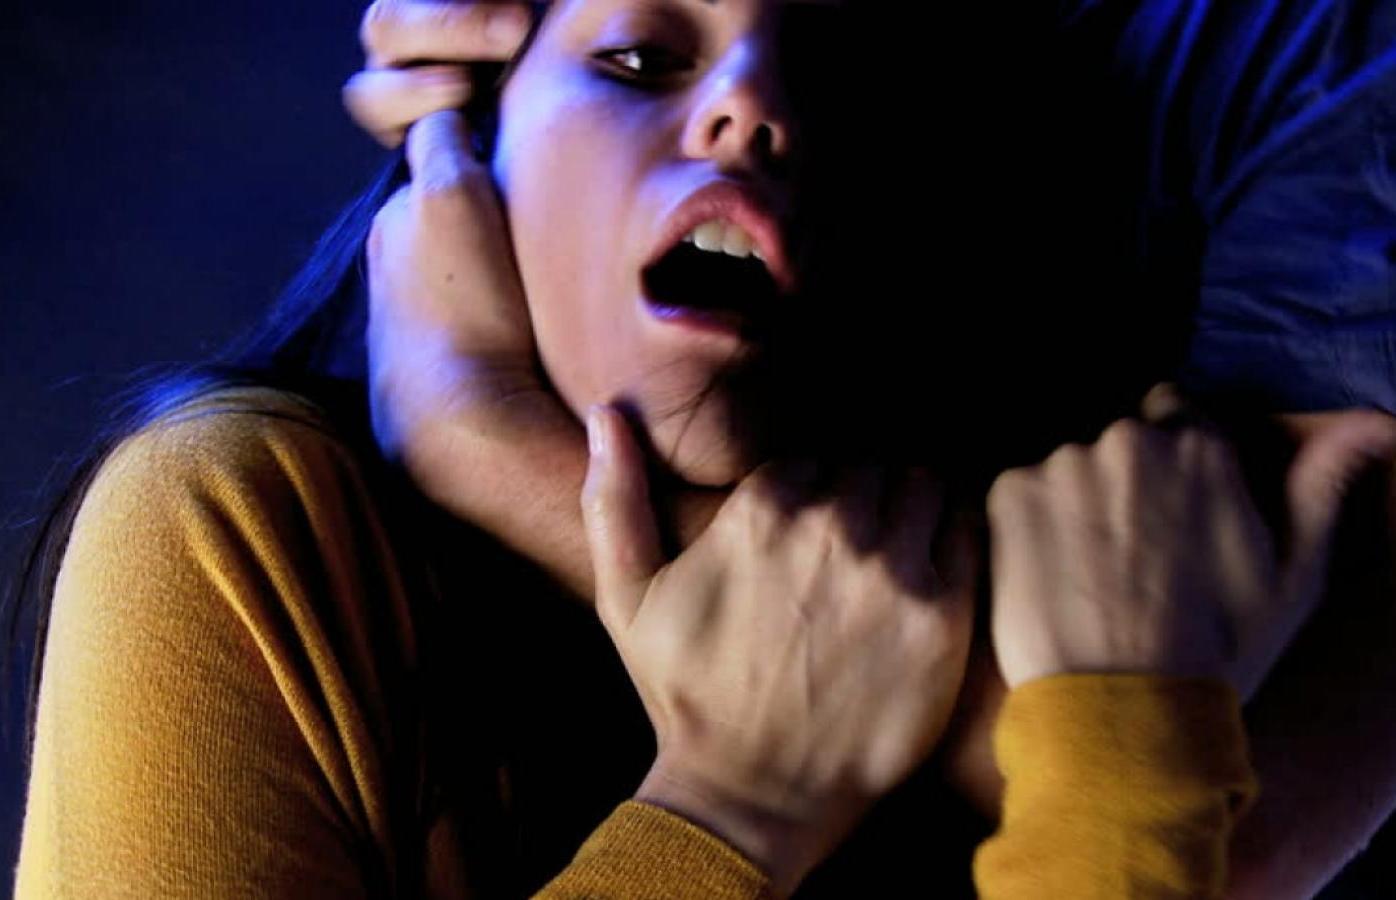 На улице в Твери пытались задушить девочку-подростка - новости Афанасий